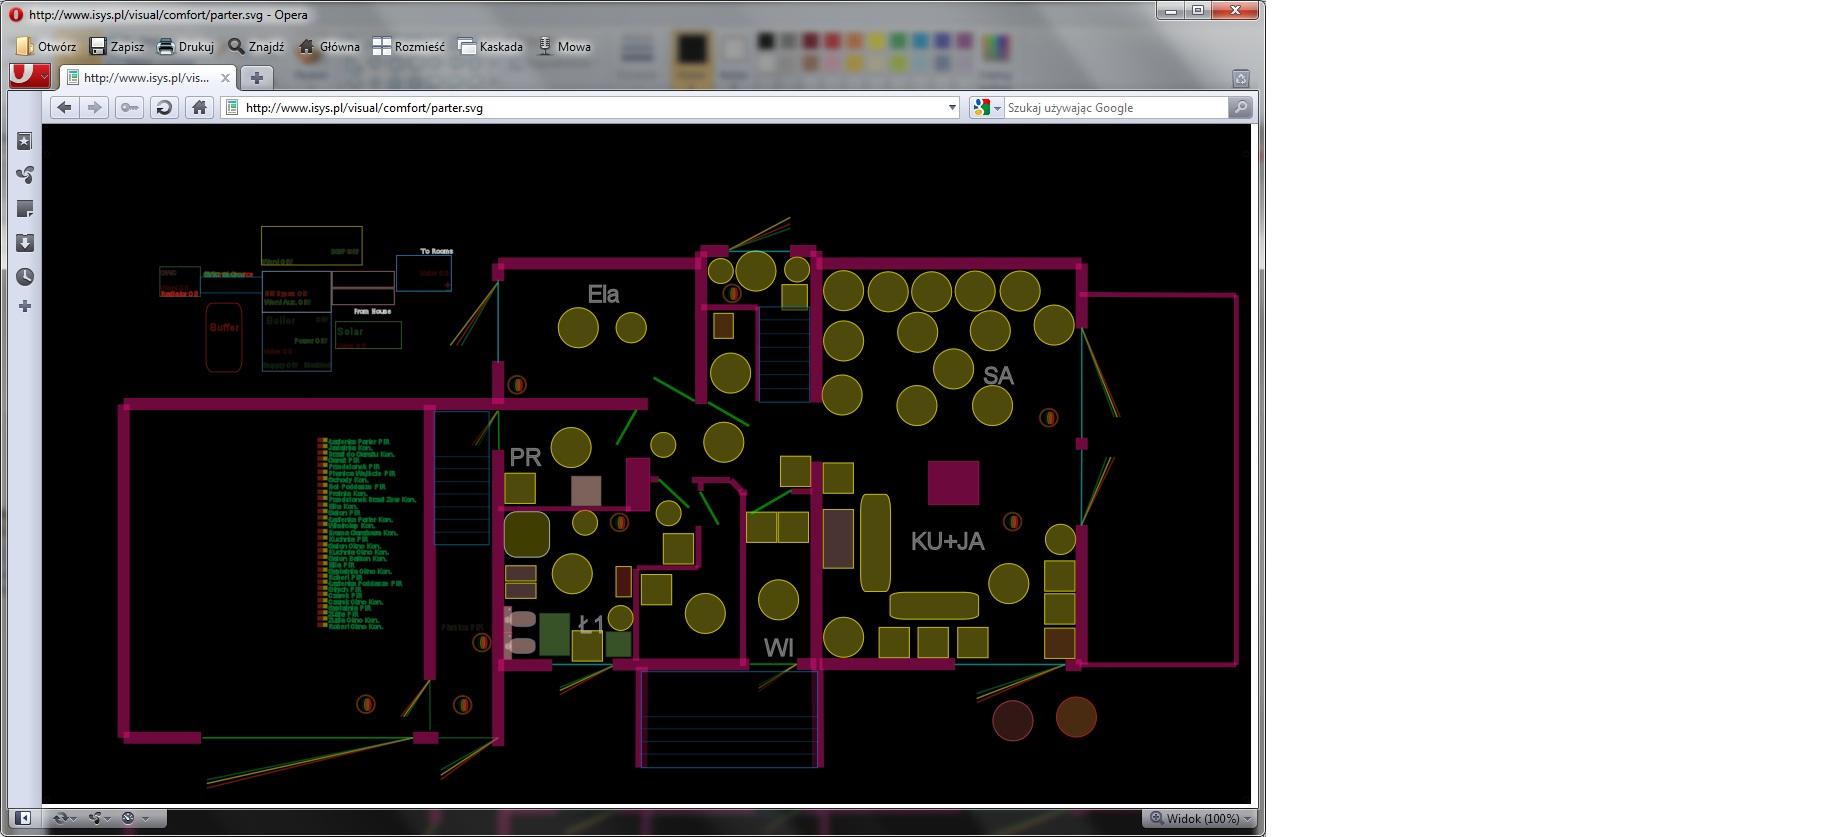 eHouse bahay pag-aautomat . Control ng gusali sa pamamagitan ng isang Web browser (SVG) na bersyon ng kaginhawahan para sa parehong proyekto